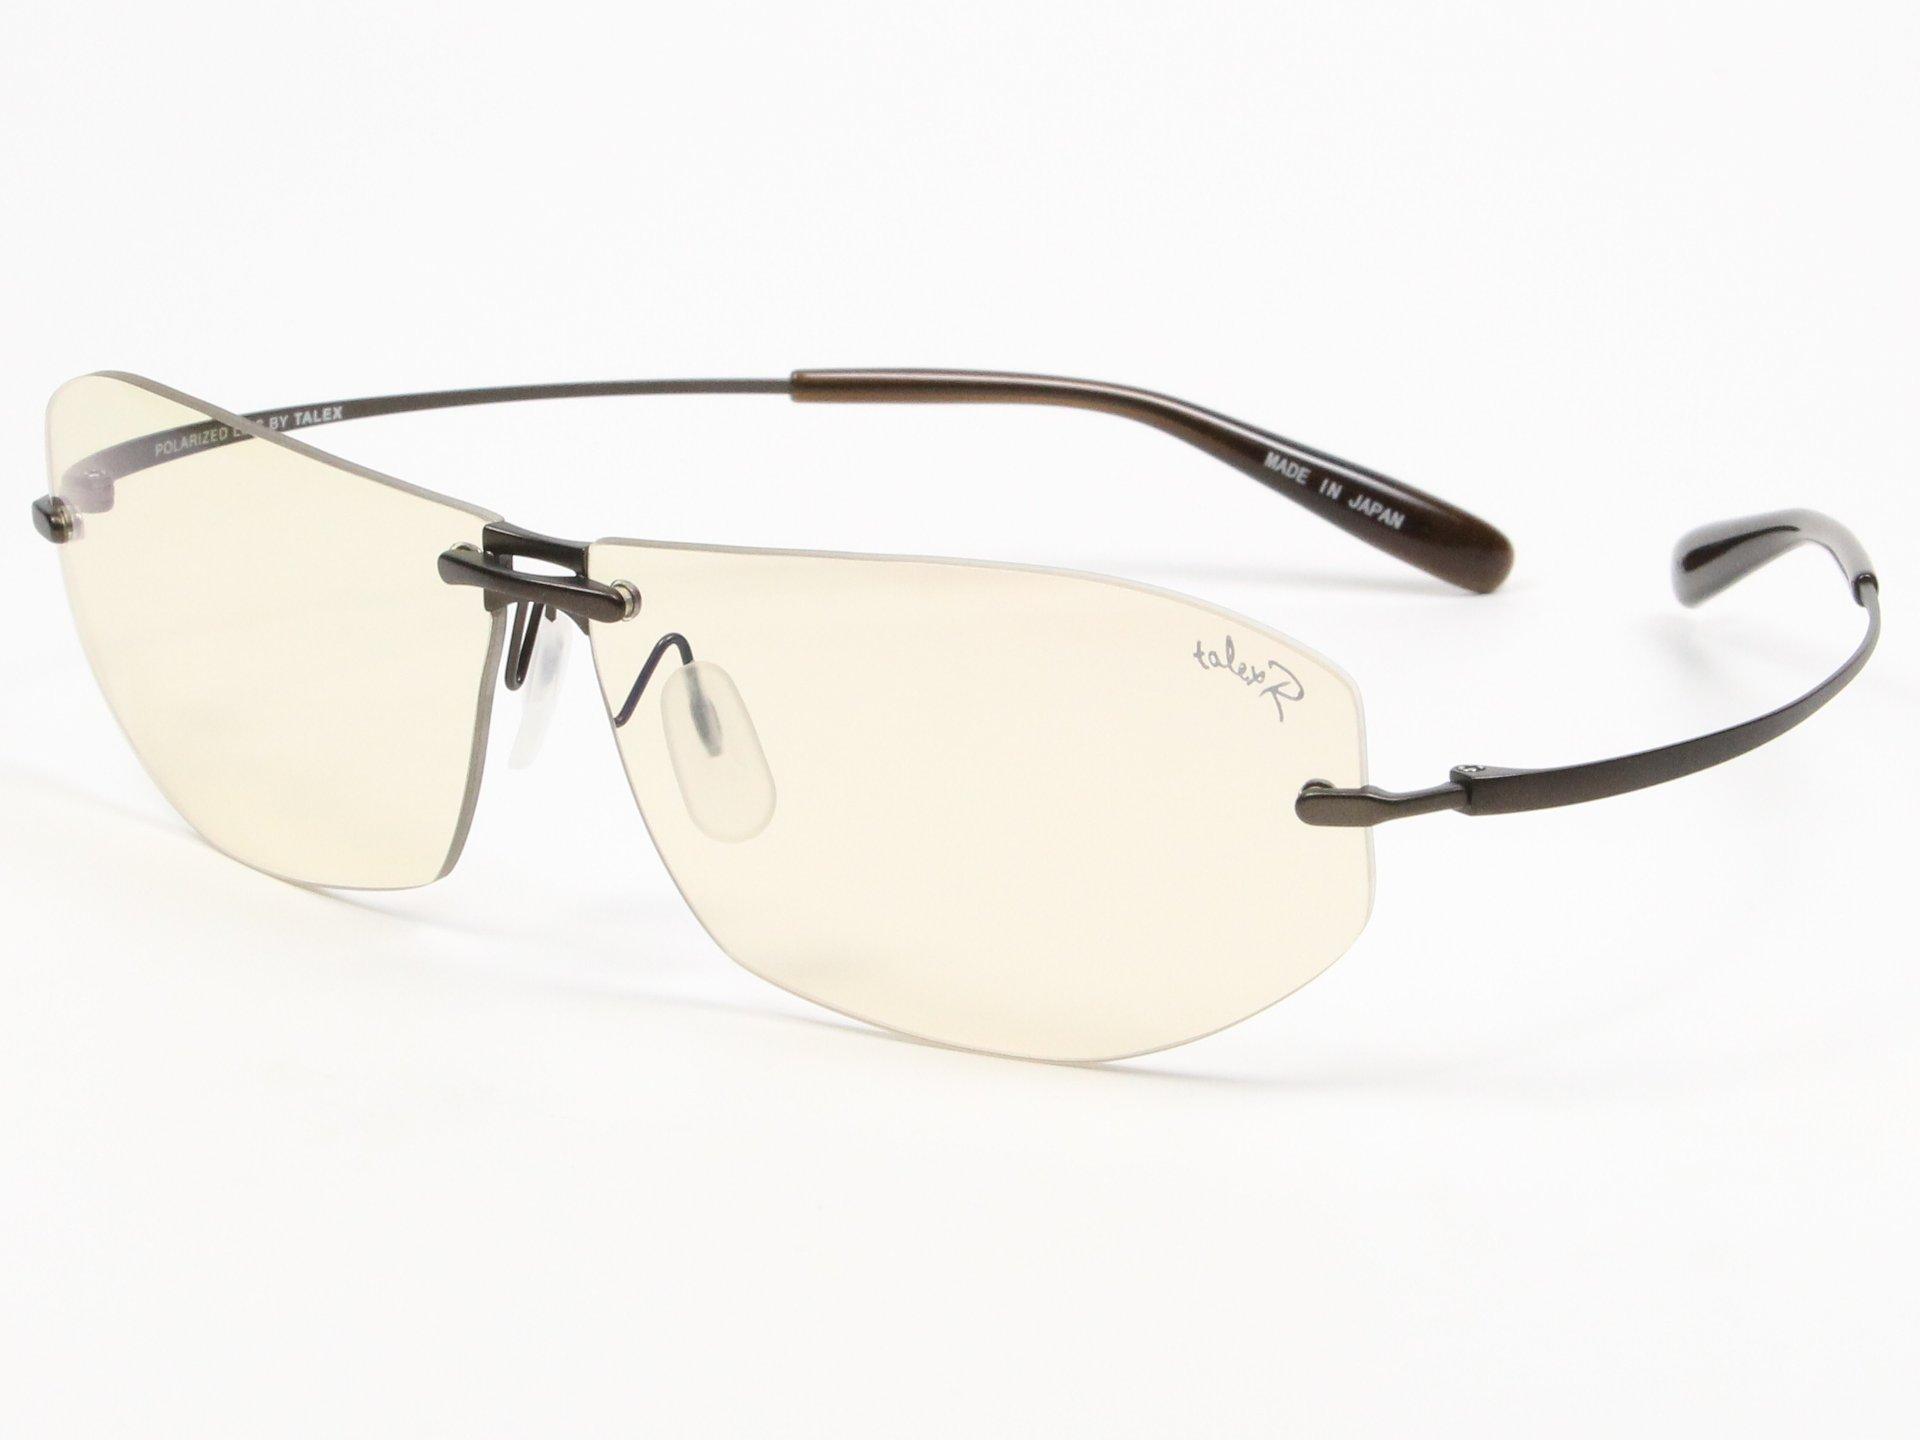 TALEX(タレックス)度なしサングラス製作例 OZNIS XII FACE RX(オズニス・トゥエルブフェイスRX)